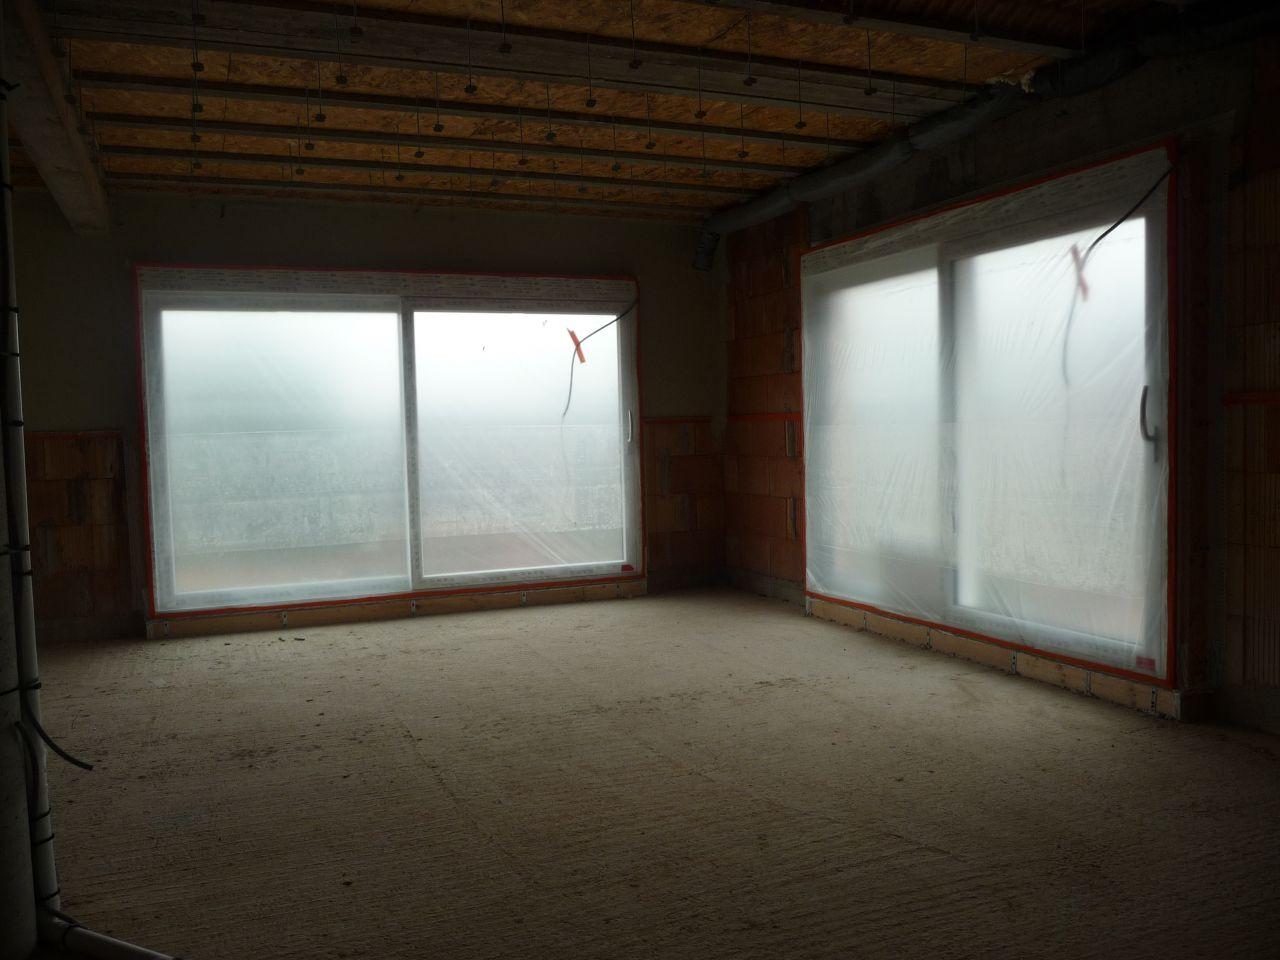 vue de la protection des fenêtres avant projection